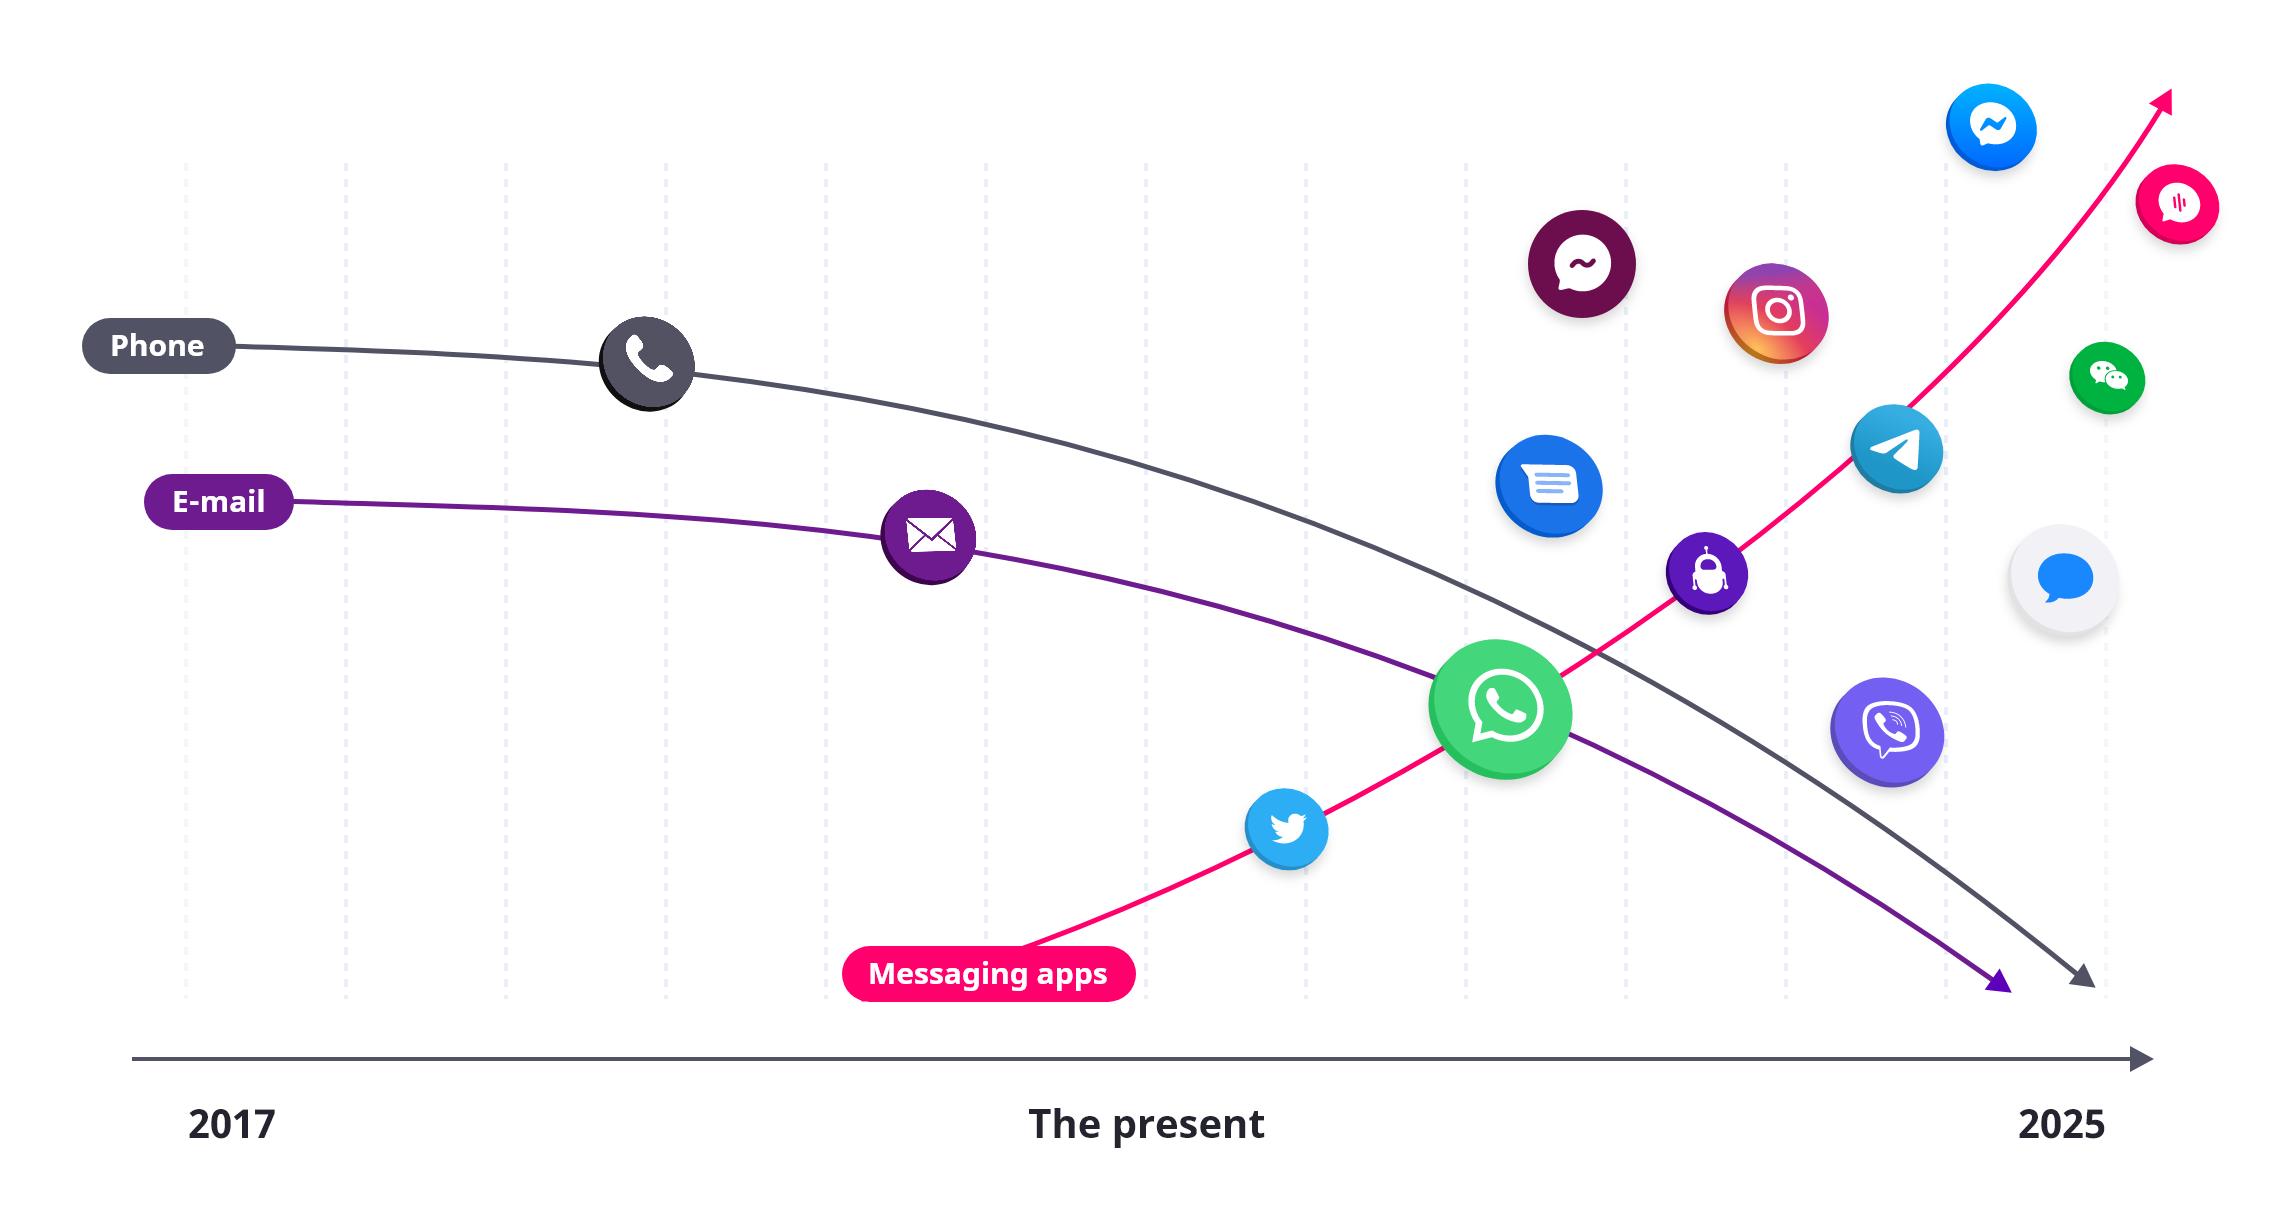 De opkomst van nieuw messaging kanalen